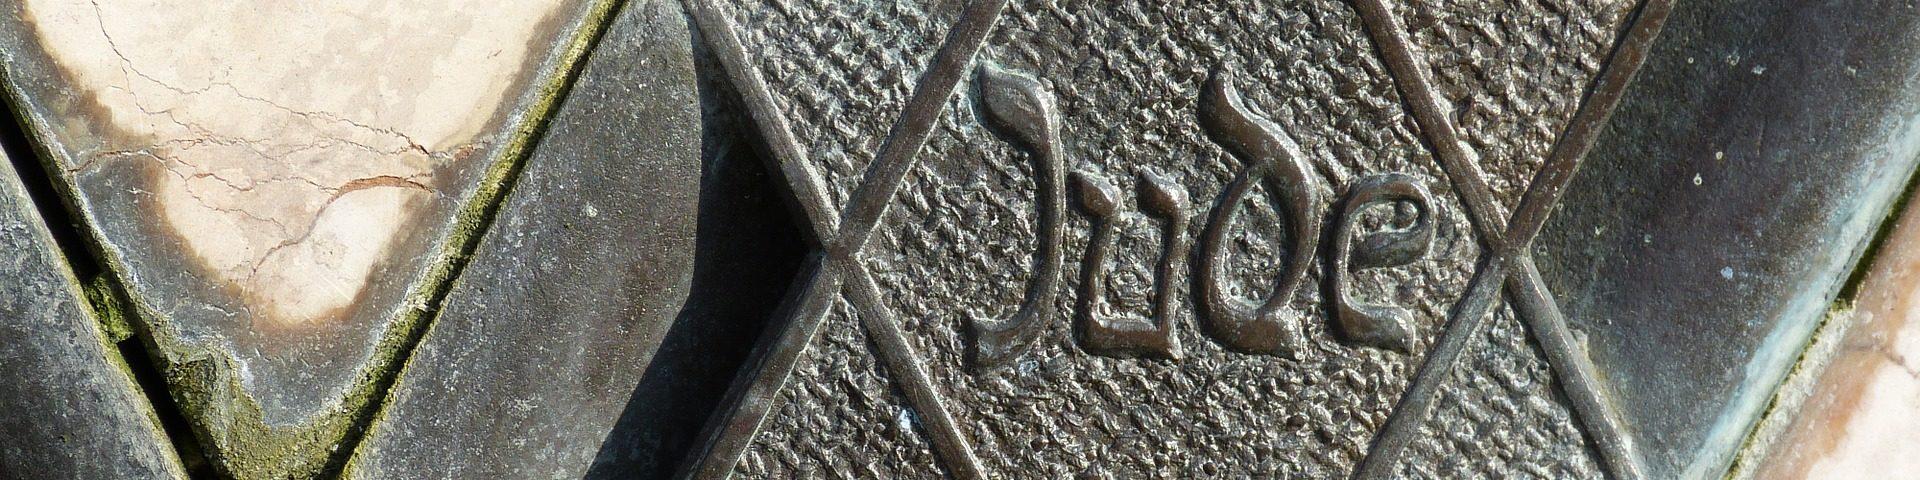 Judenstern, Synagogen-Mahnmal Hildesheim